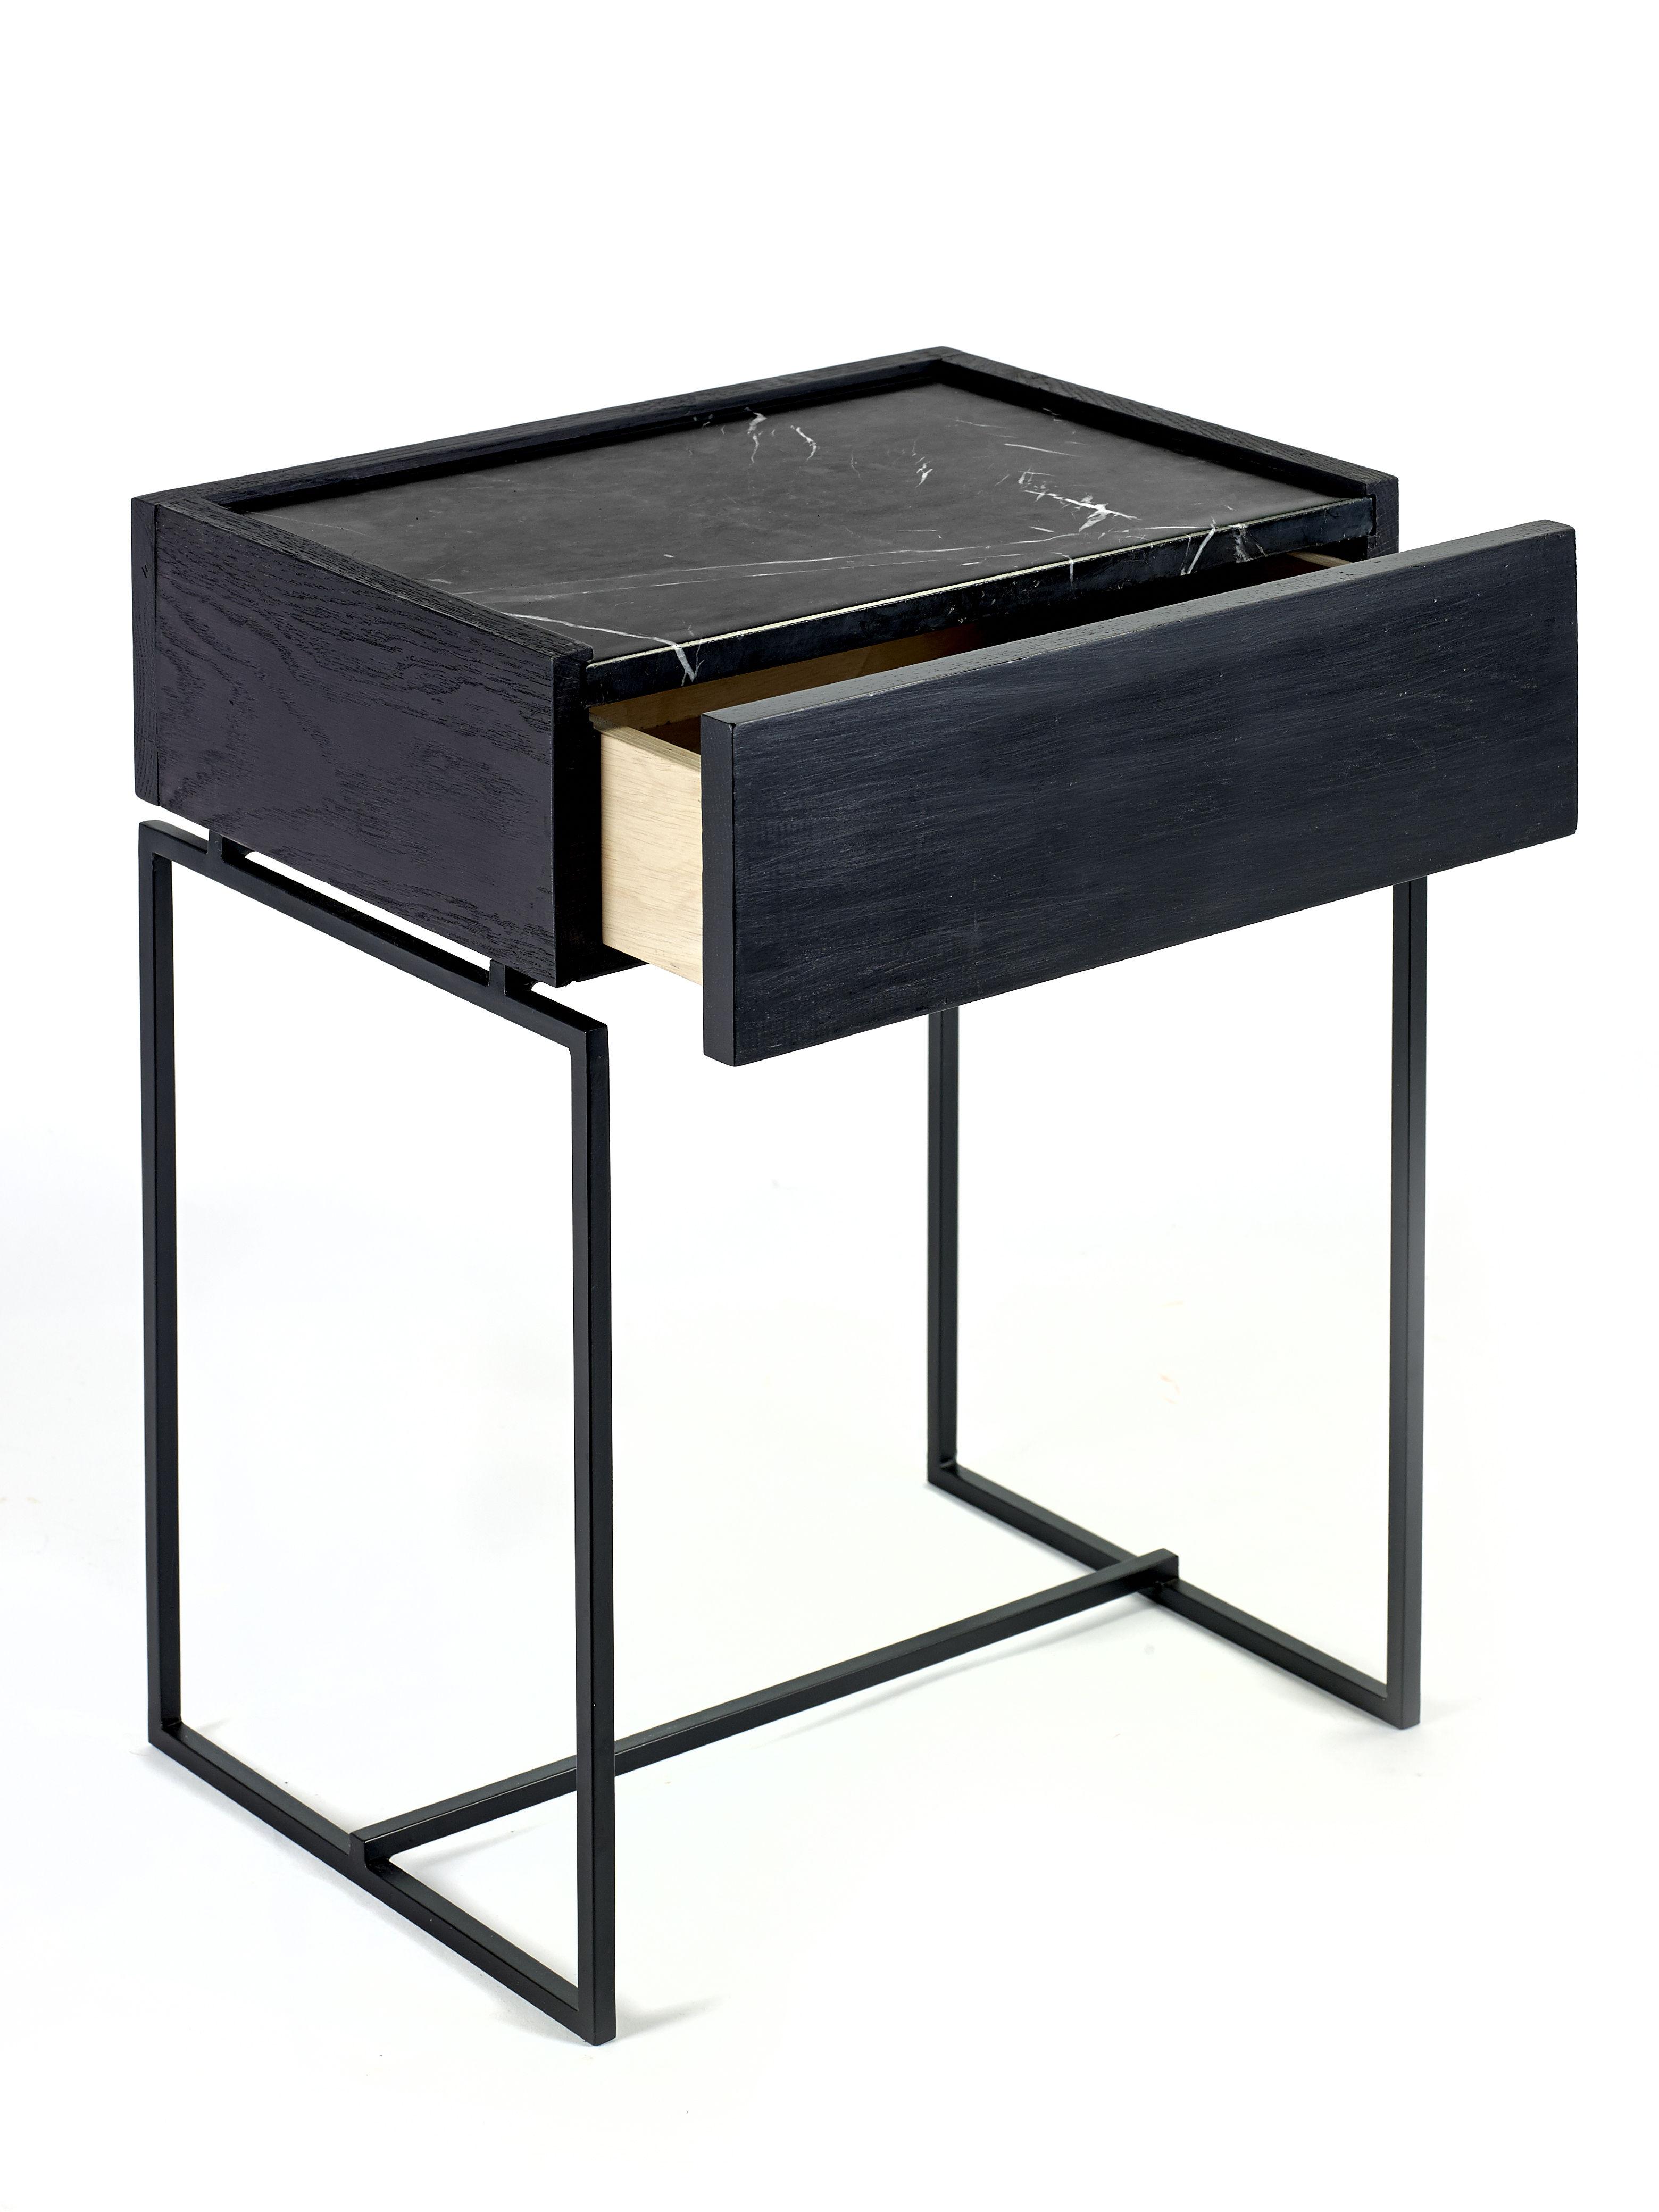 table d 39 appoint nero tiroir marbre bois marbre noir pied noir serax. Black Bedroom Furniture Sets. Home Design Ideas